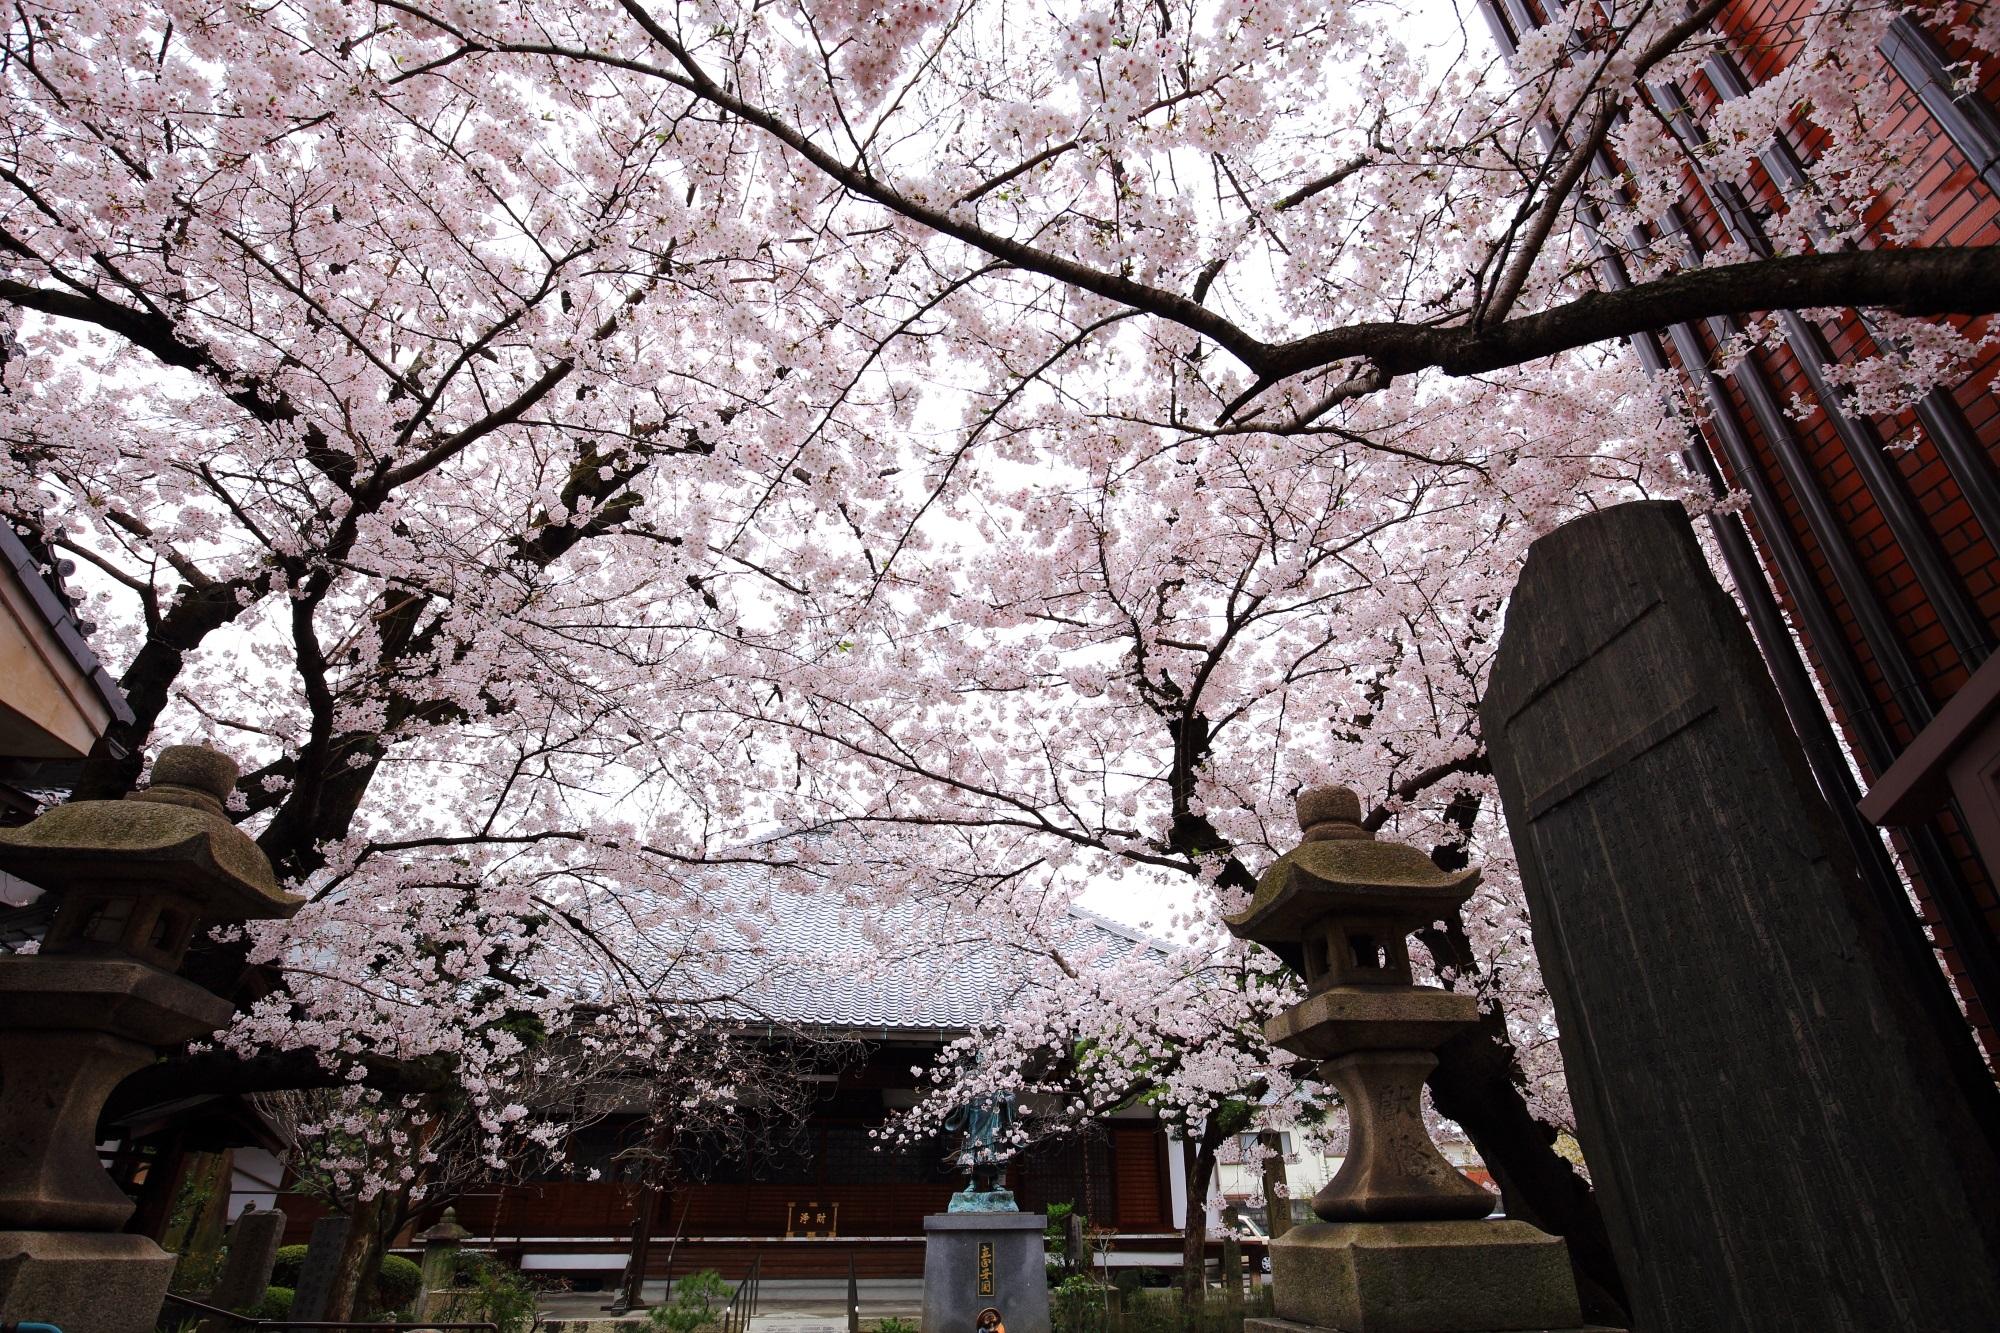 桜の穴場の墨染寺の満開の桜